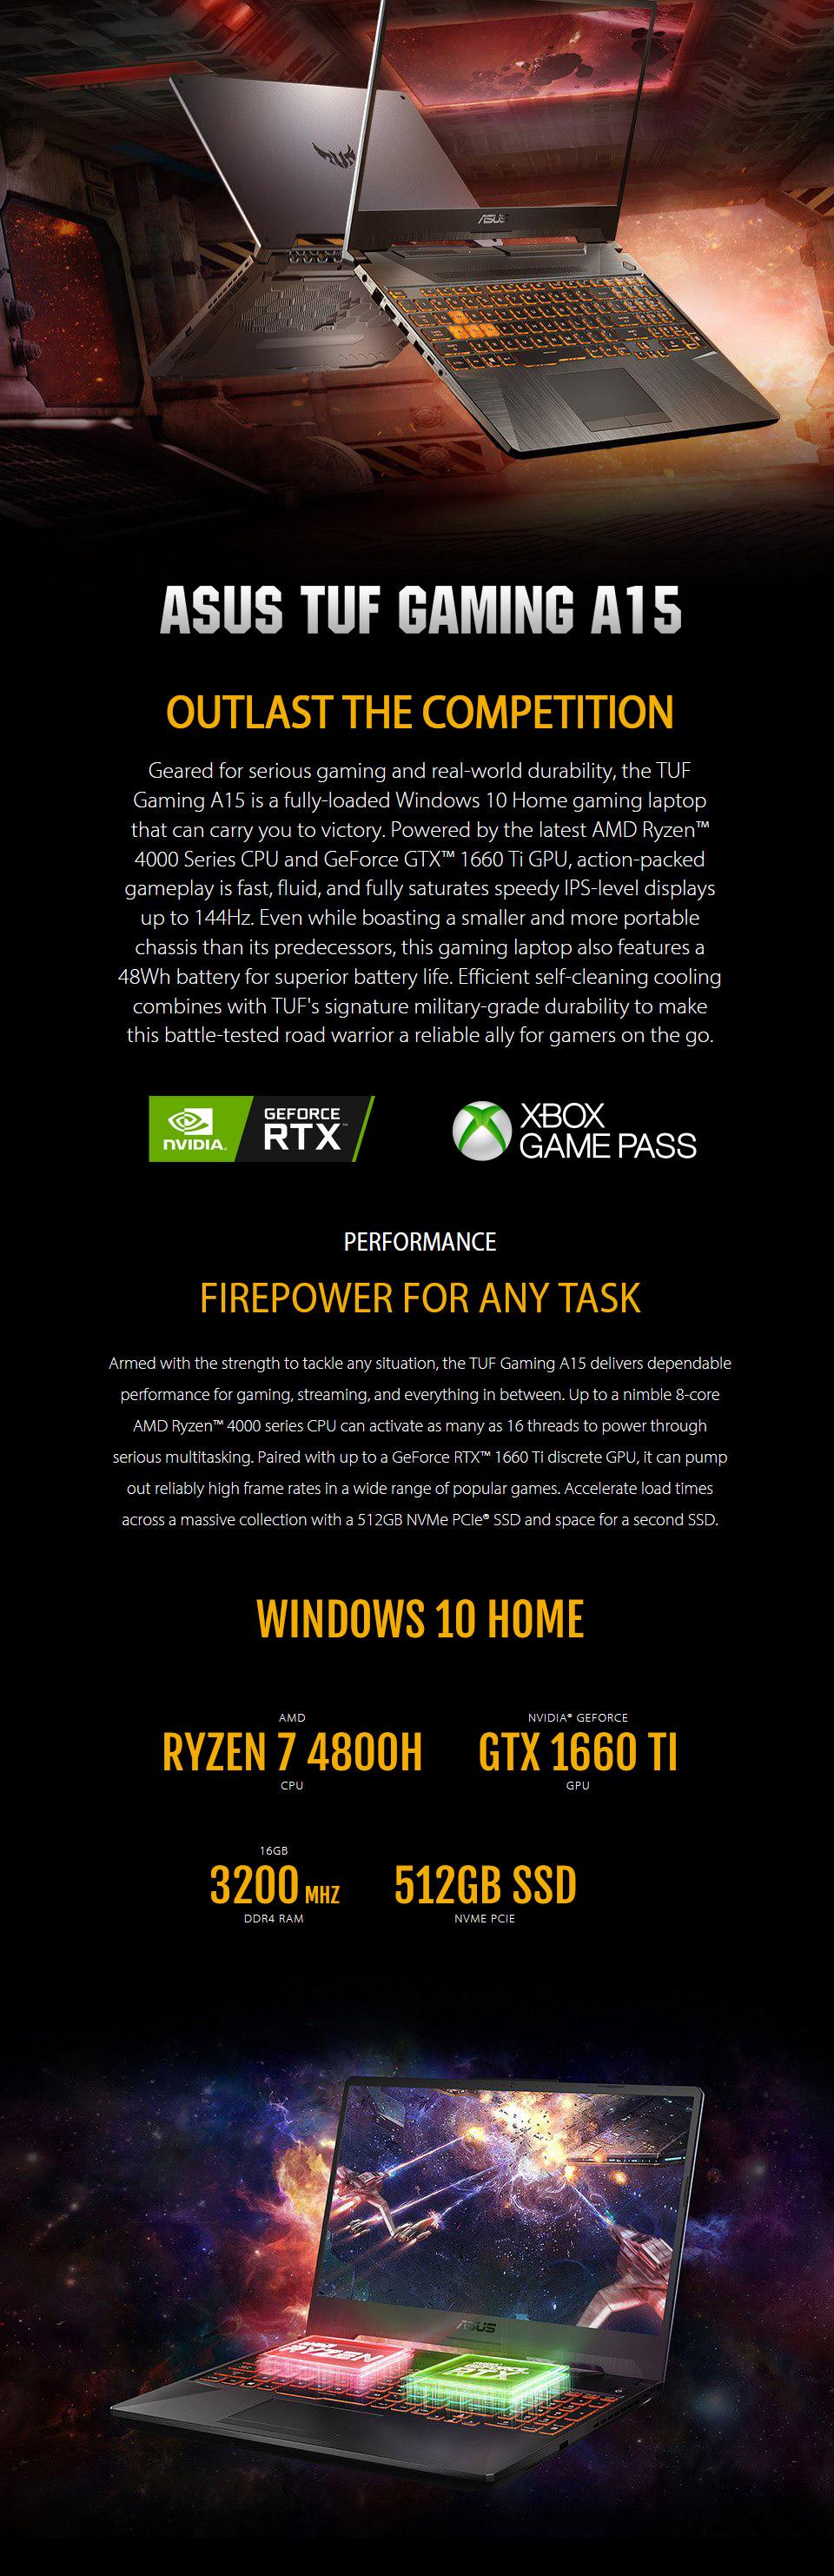 ASUS TUF AMD Ryzen 7 GeForce GTX 1660 Ti 15.6in 144Hz Notebook features